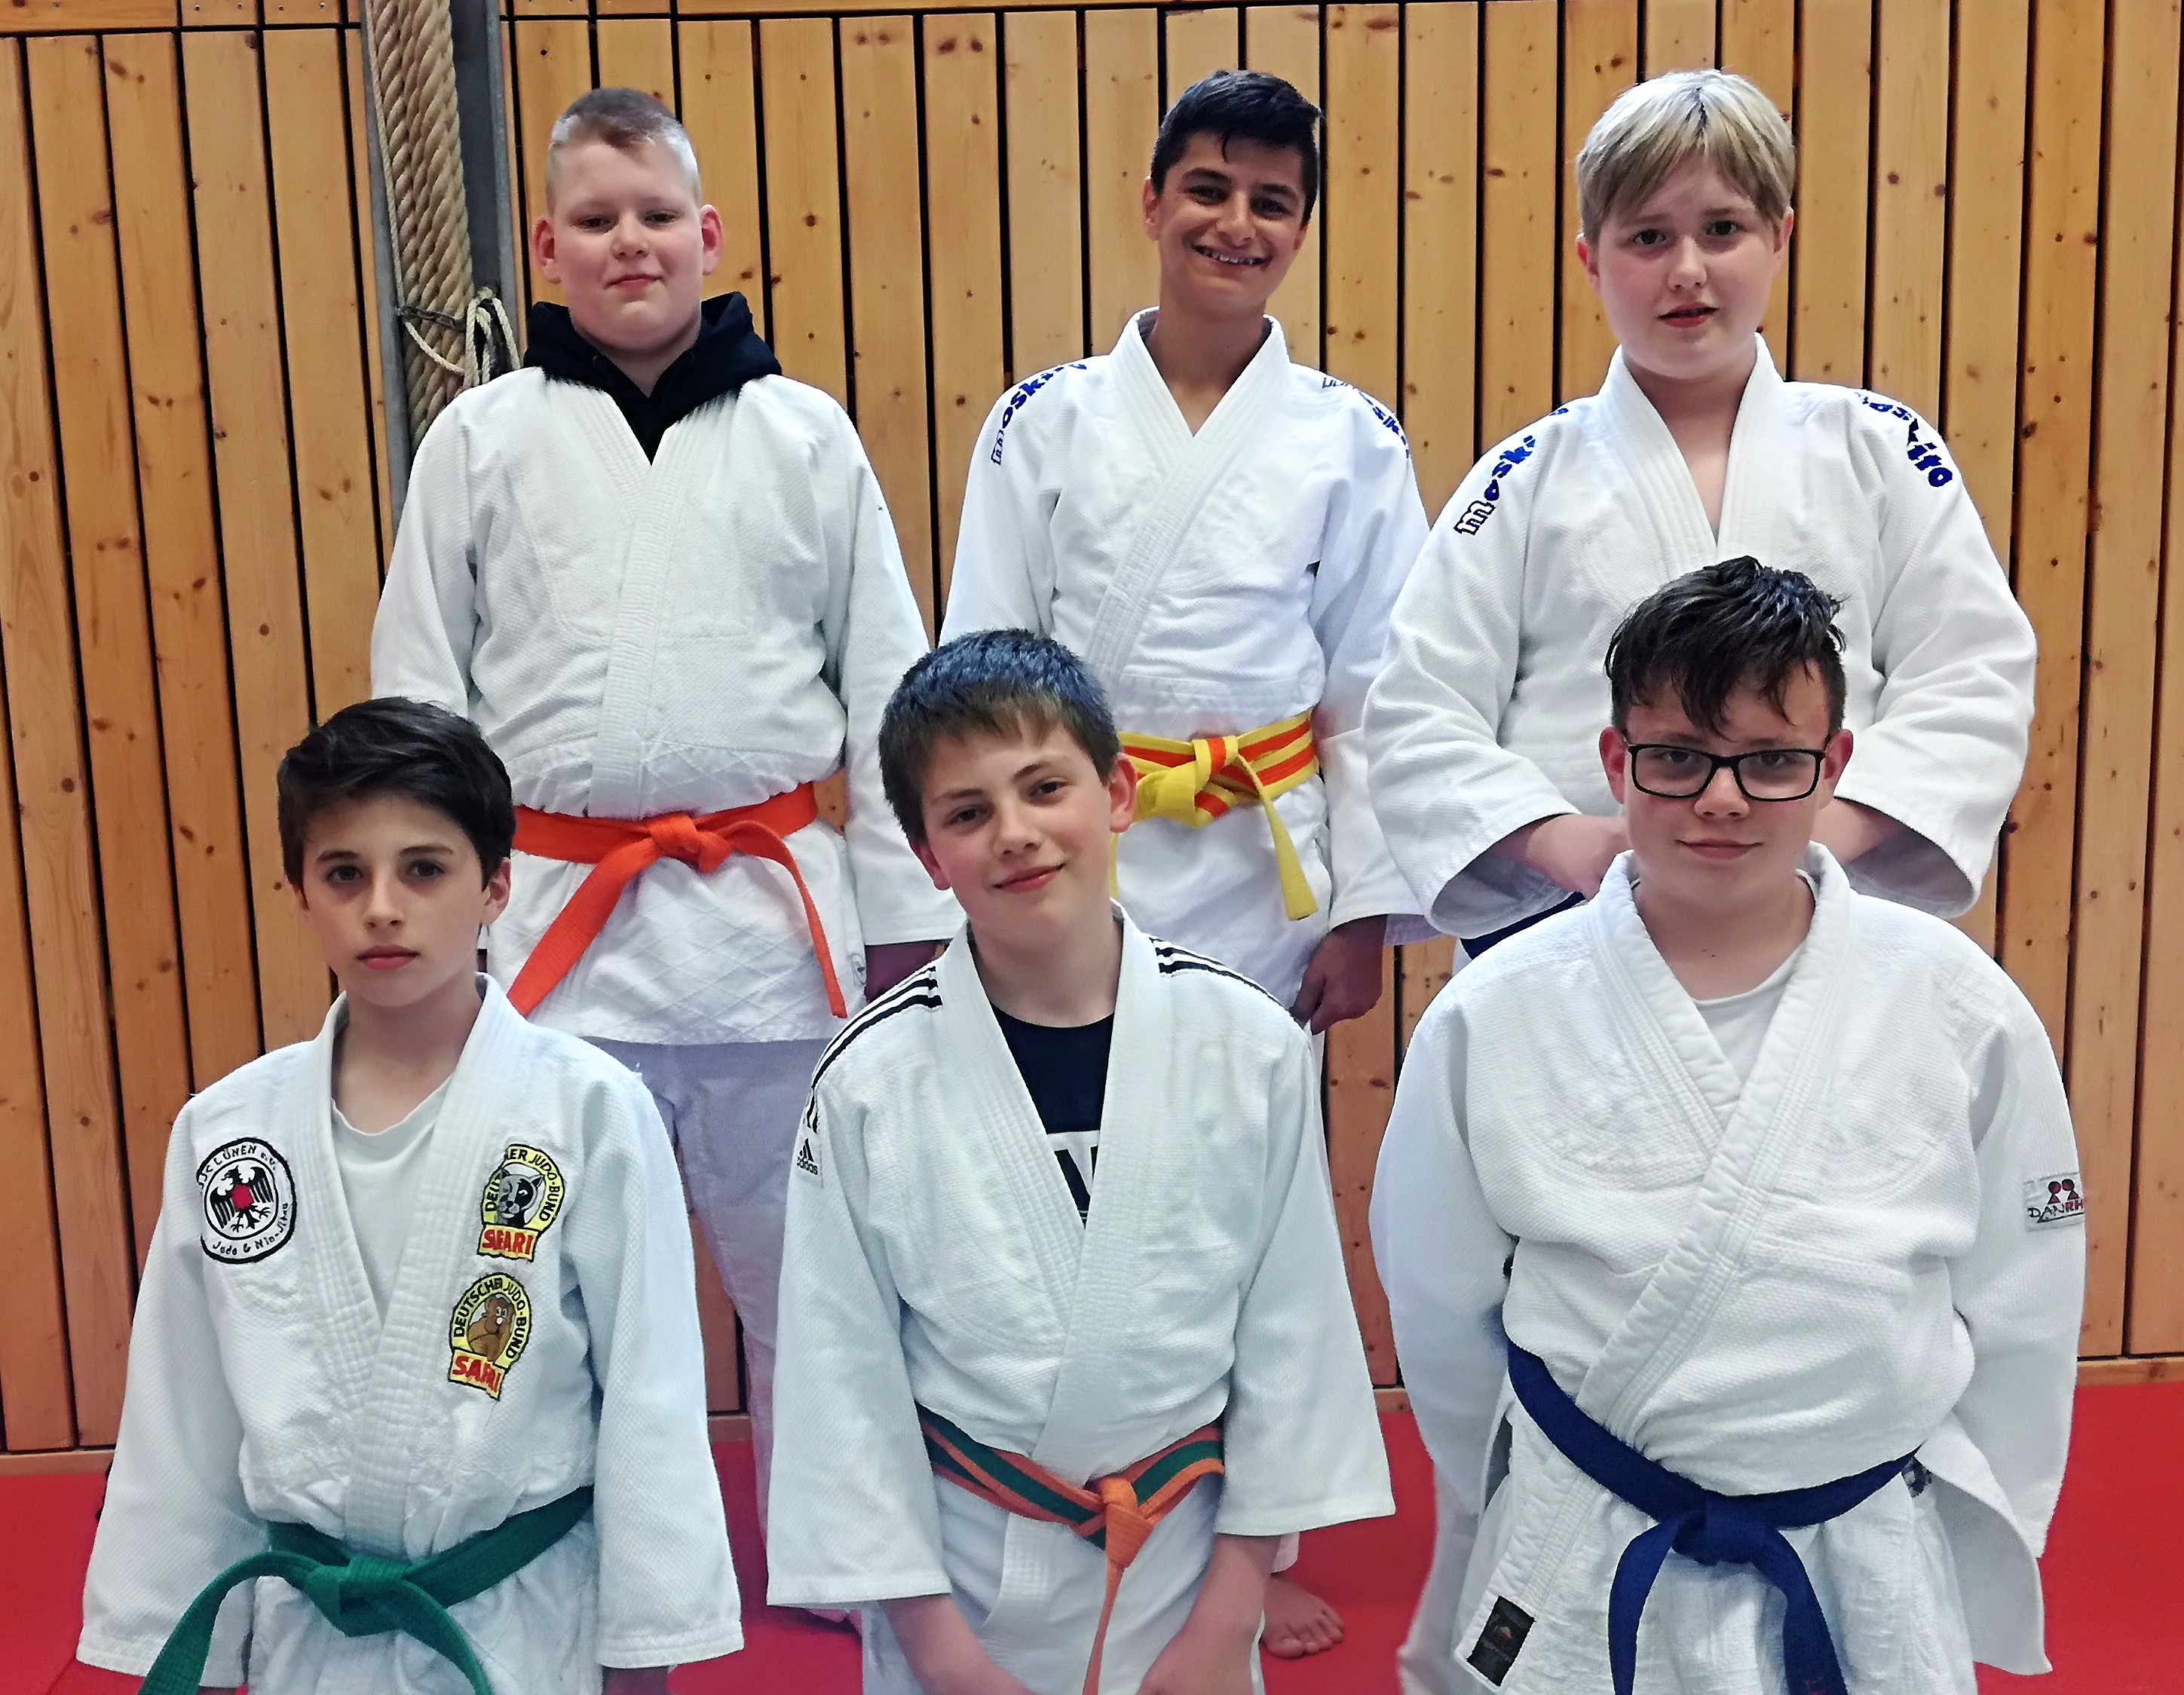 KKG-Judo-Kämpfer können nicht am Vorjahreserfolg anknüpfen – Christopher Beer holt Silber